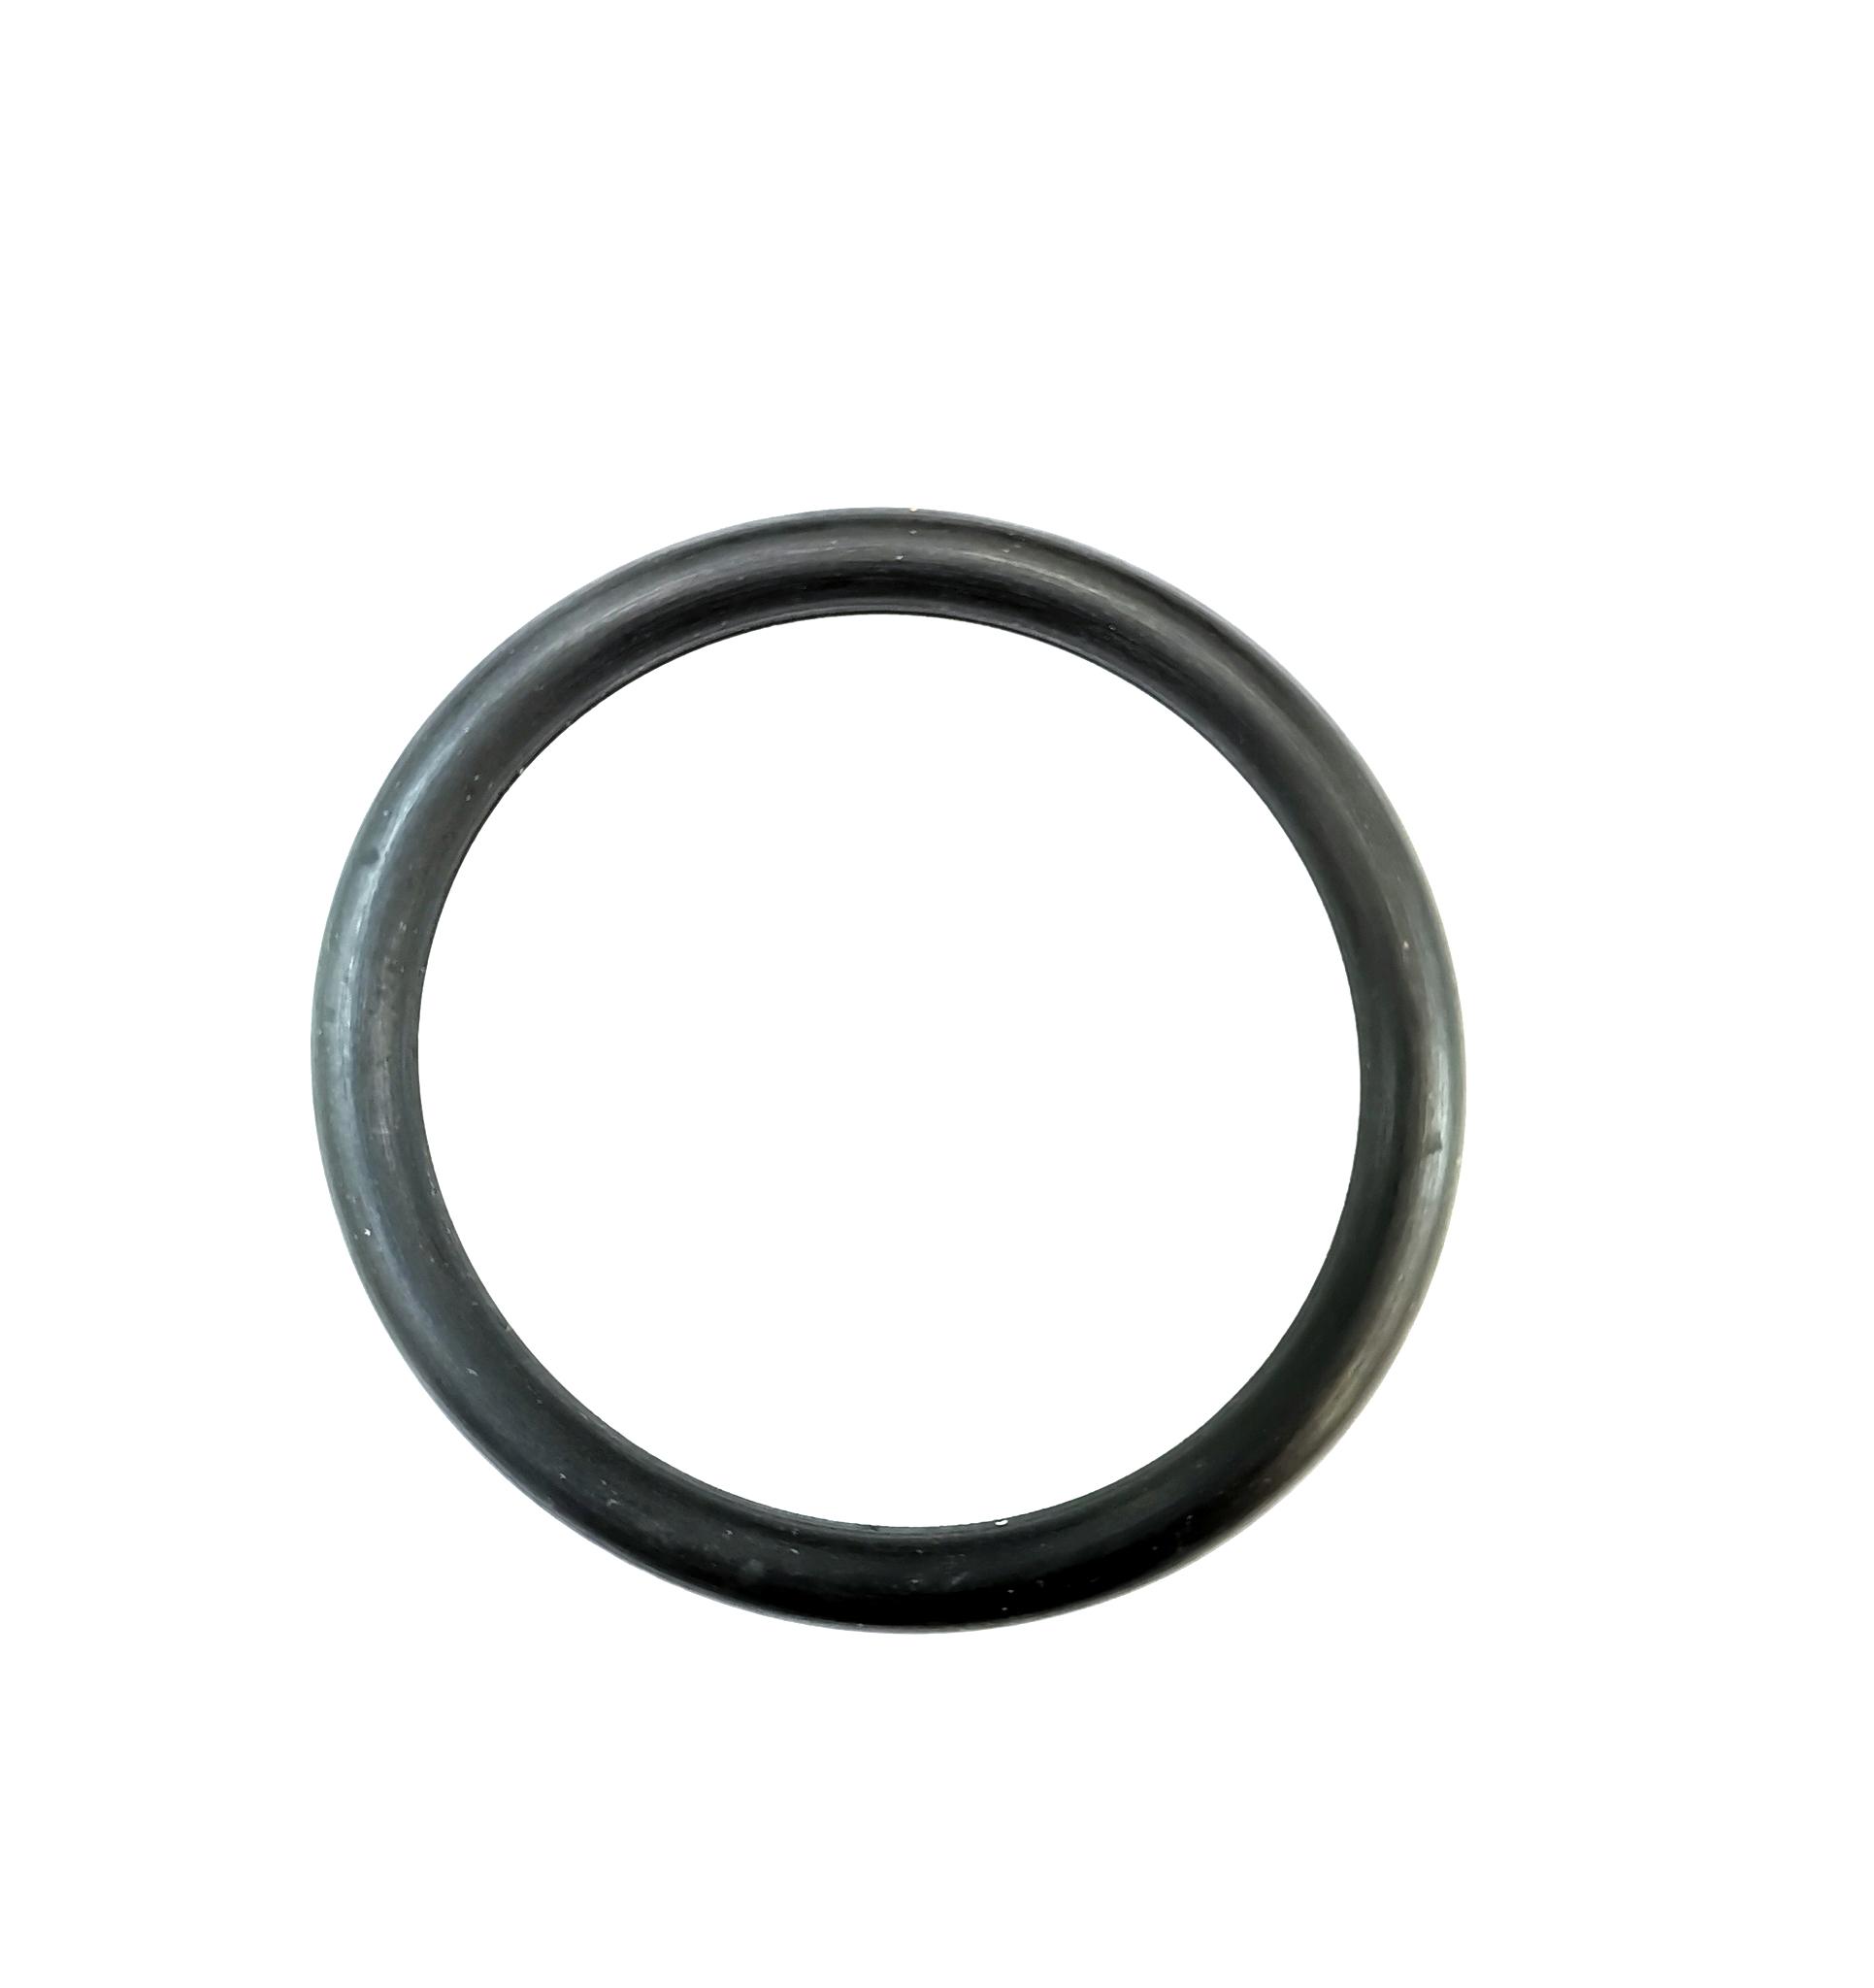 Aram O-Ring für Siebhalterung